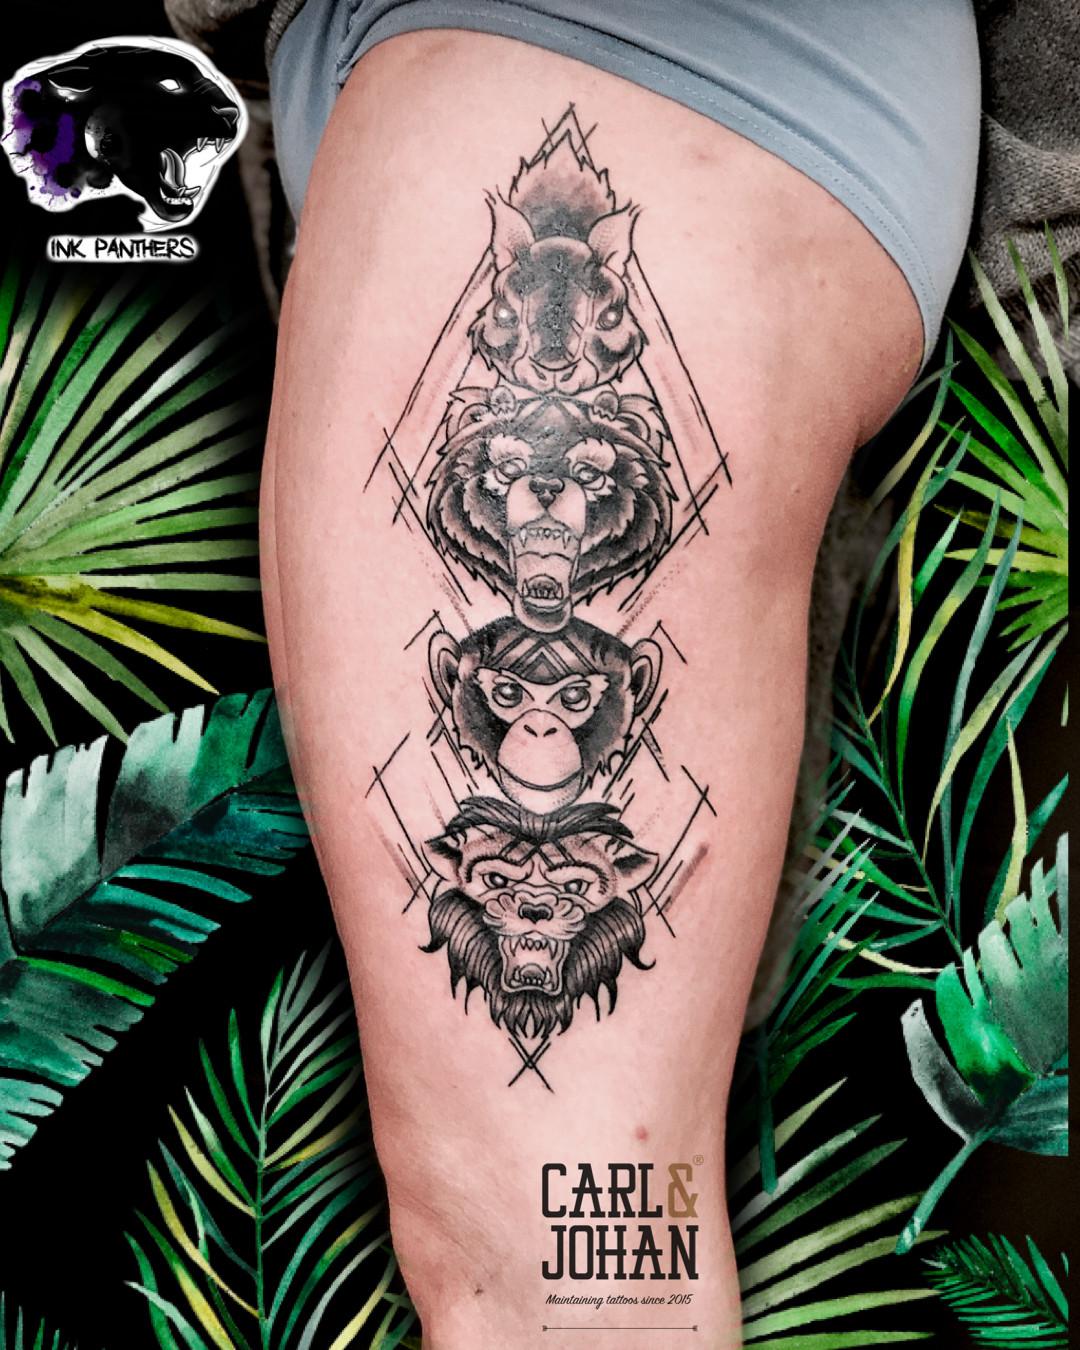 Rocky Totem Tattoo Ink Panthers Echt Tattooshop Limburg Tattoo